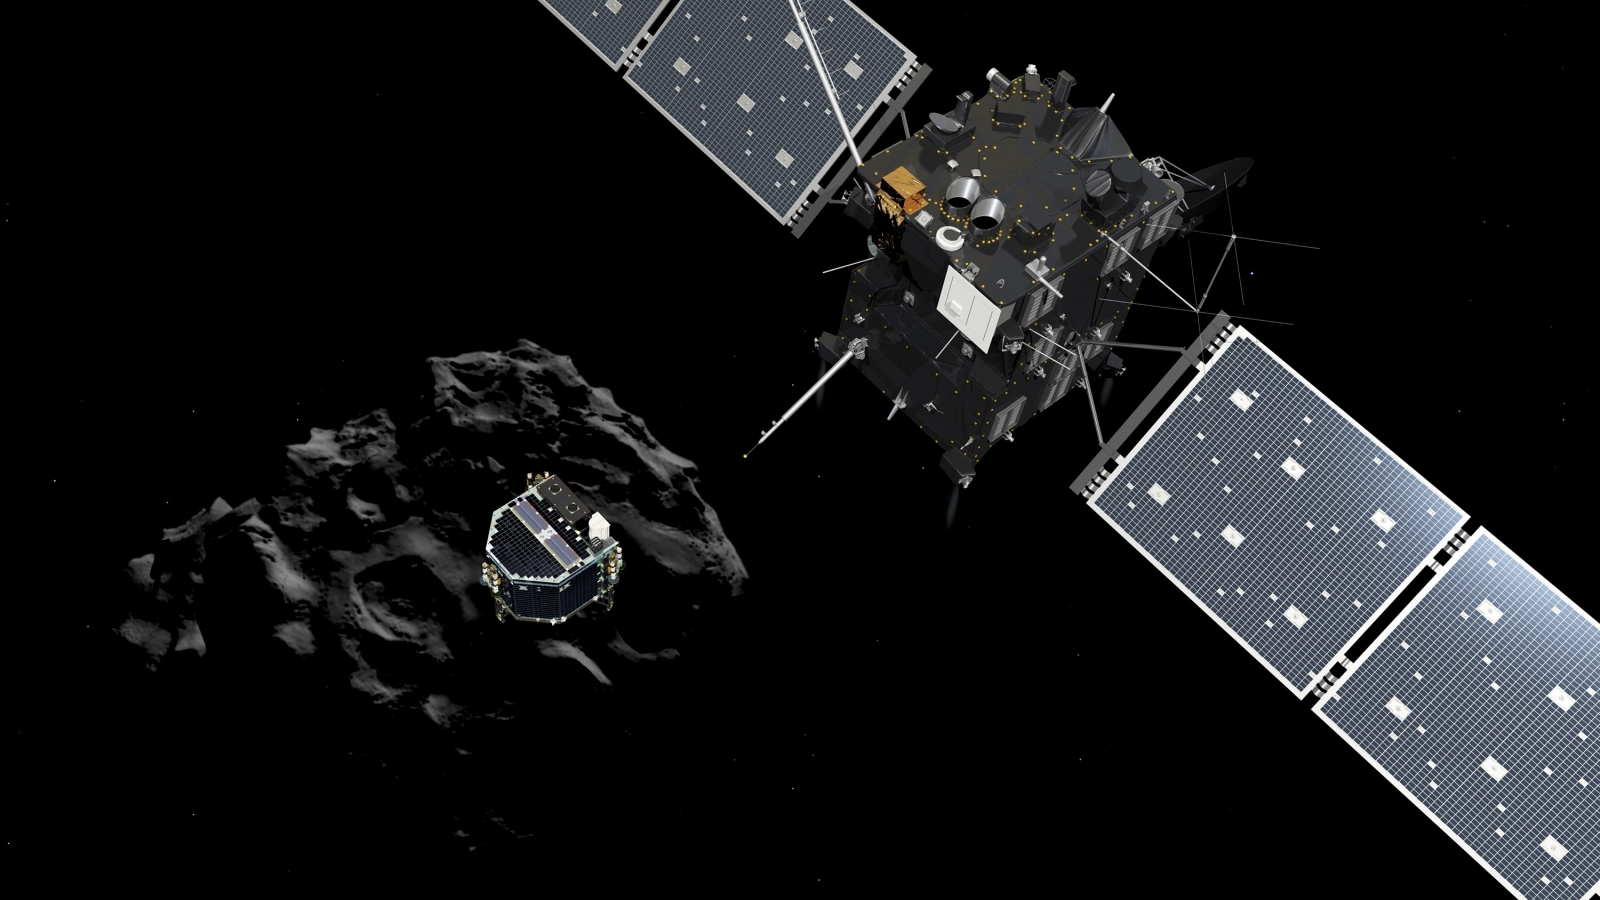 ESA's Rosetta Spacecraft Comet Landing: Probe 'Is on the ...